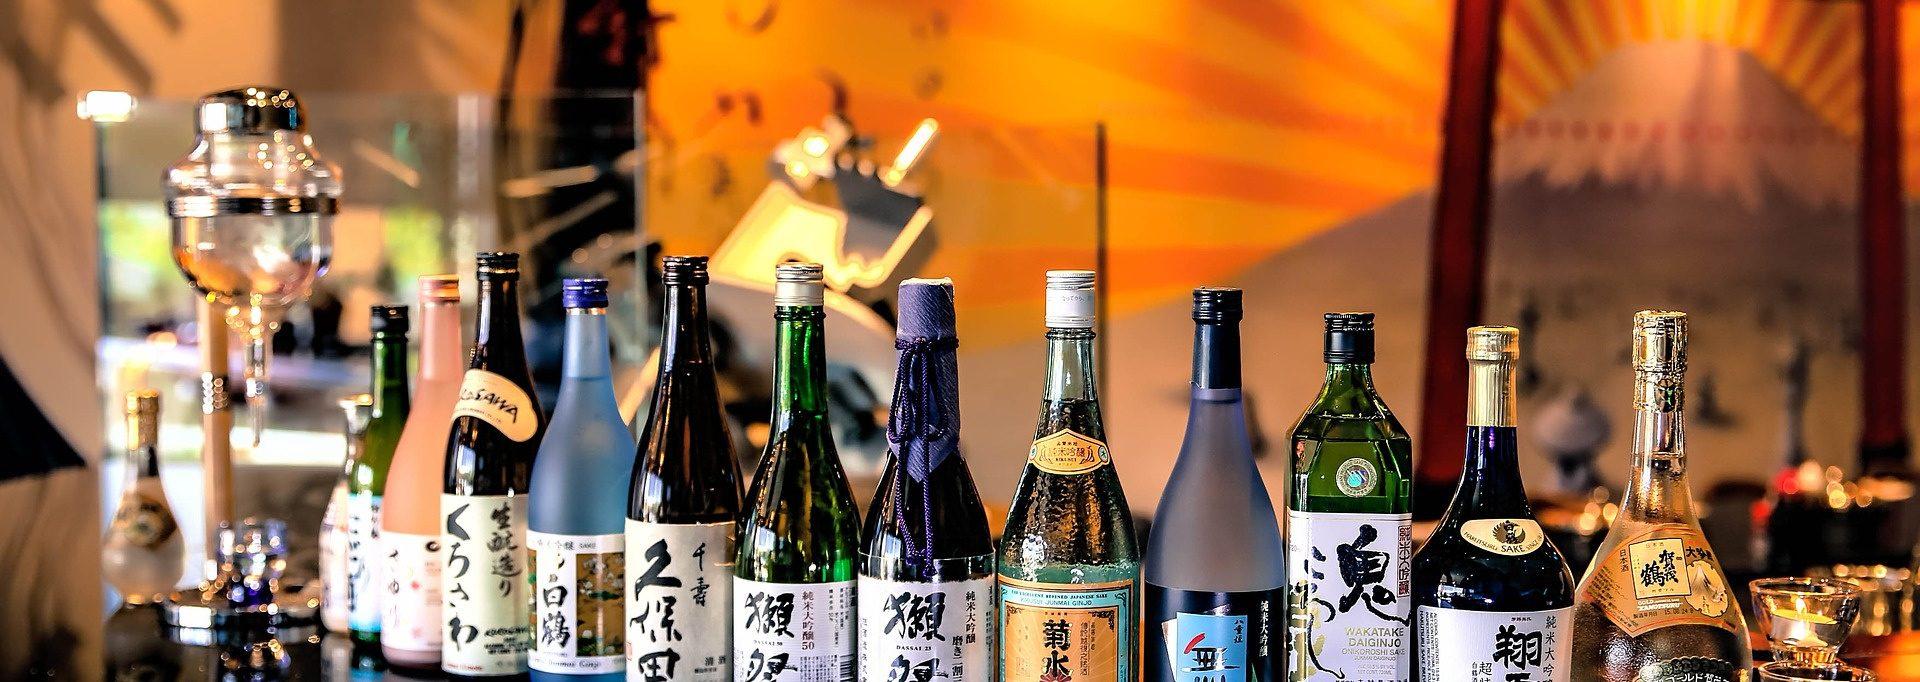 Introduction to Sake